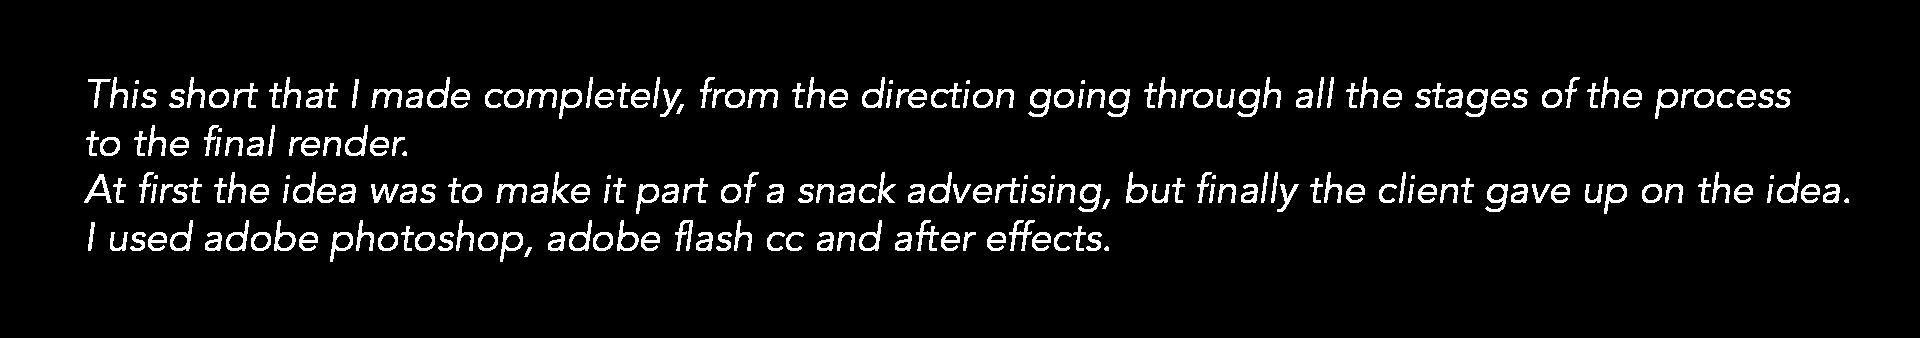 snack advertising german merlo 2.png